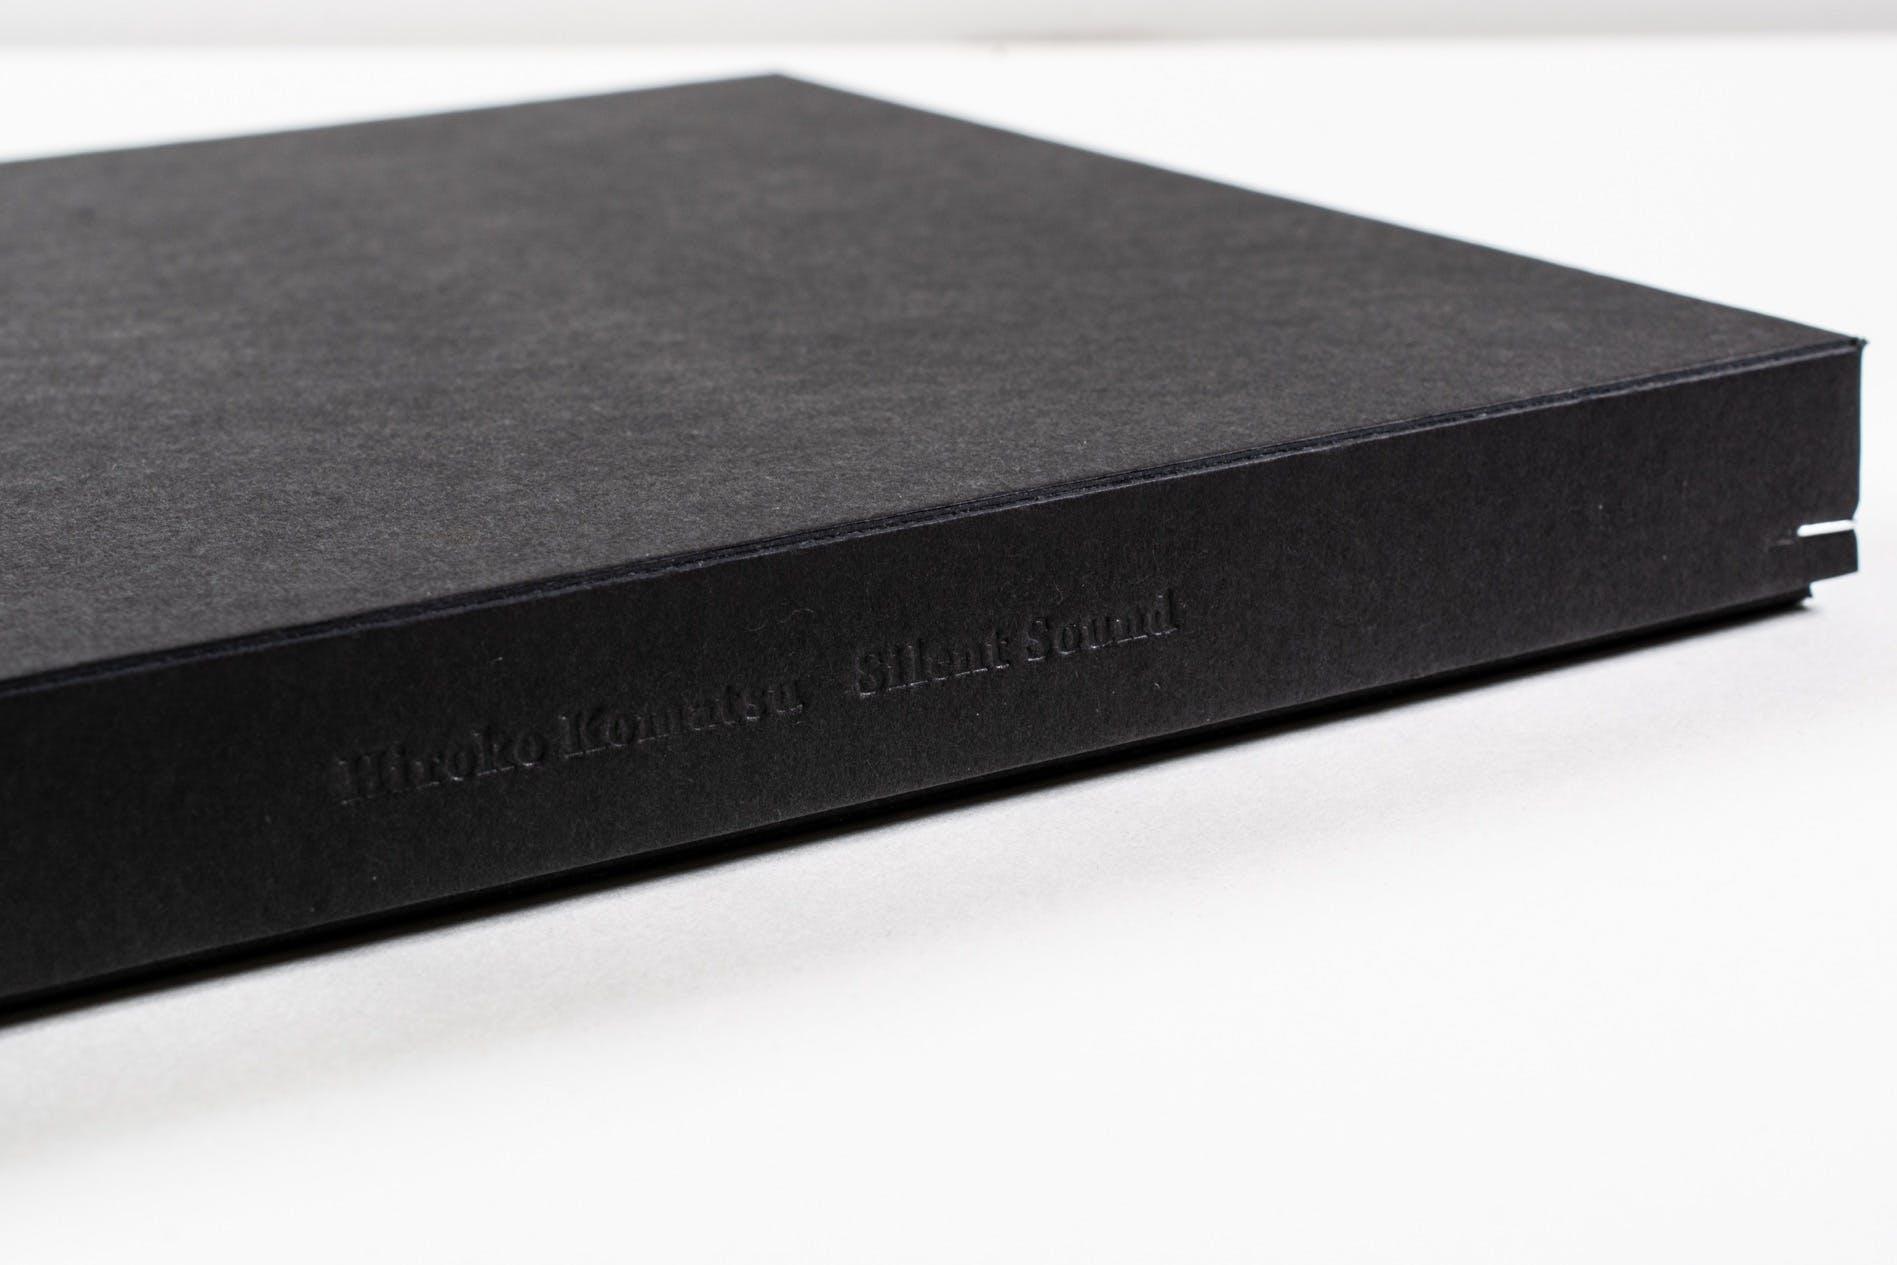 箱の側面には作家名とタイトルが箔押しされています